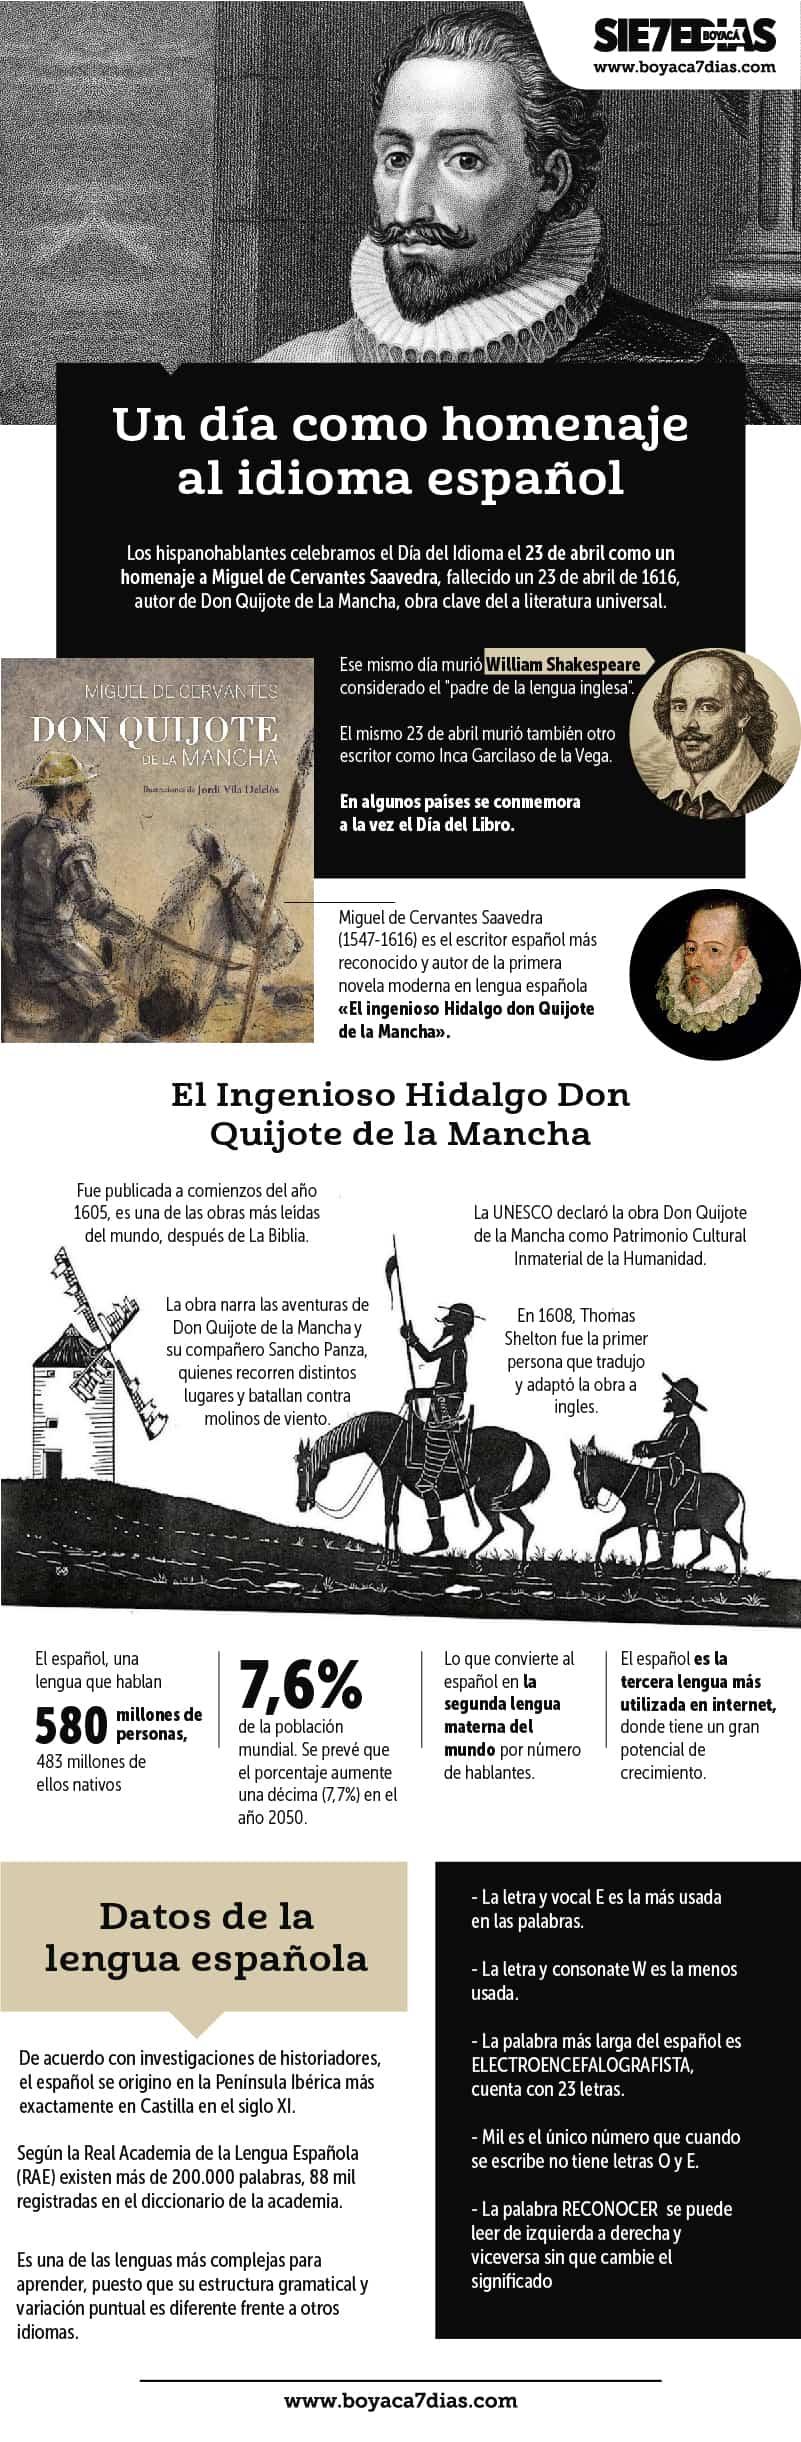 El 23 de abril, un día para recordar a Miguel de Cervantes Saavedra 1